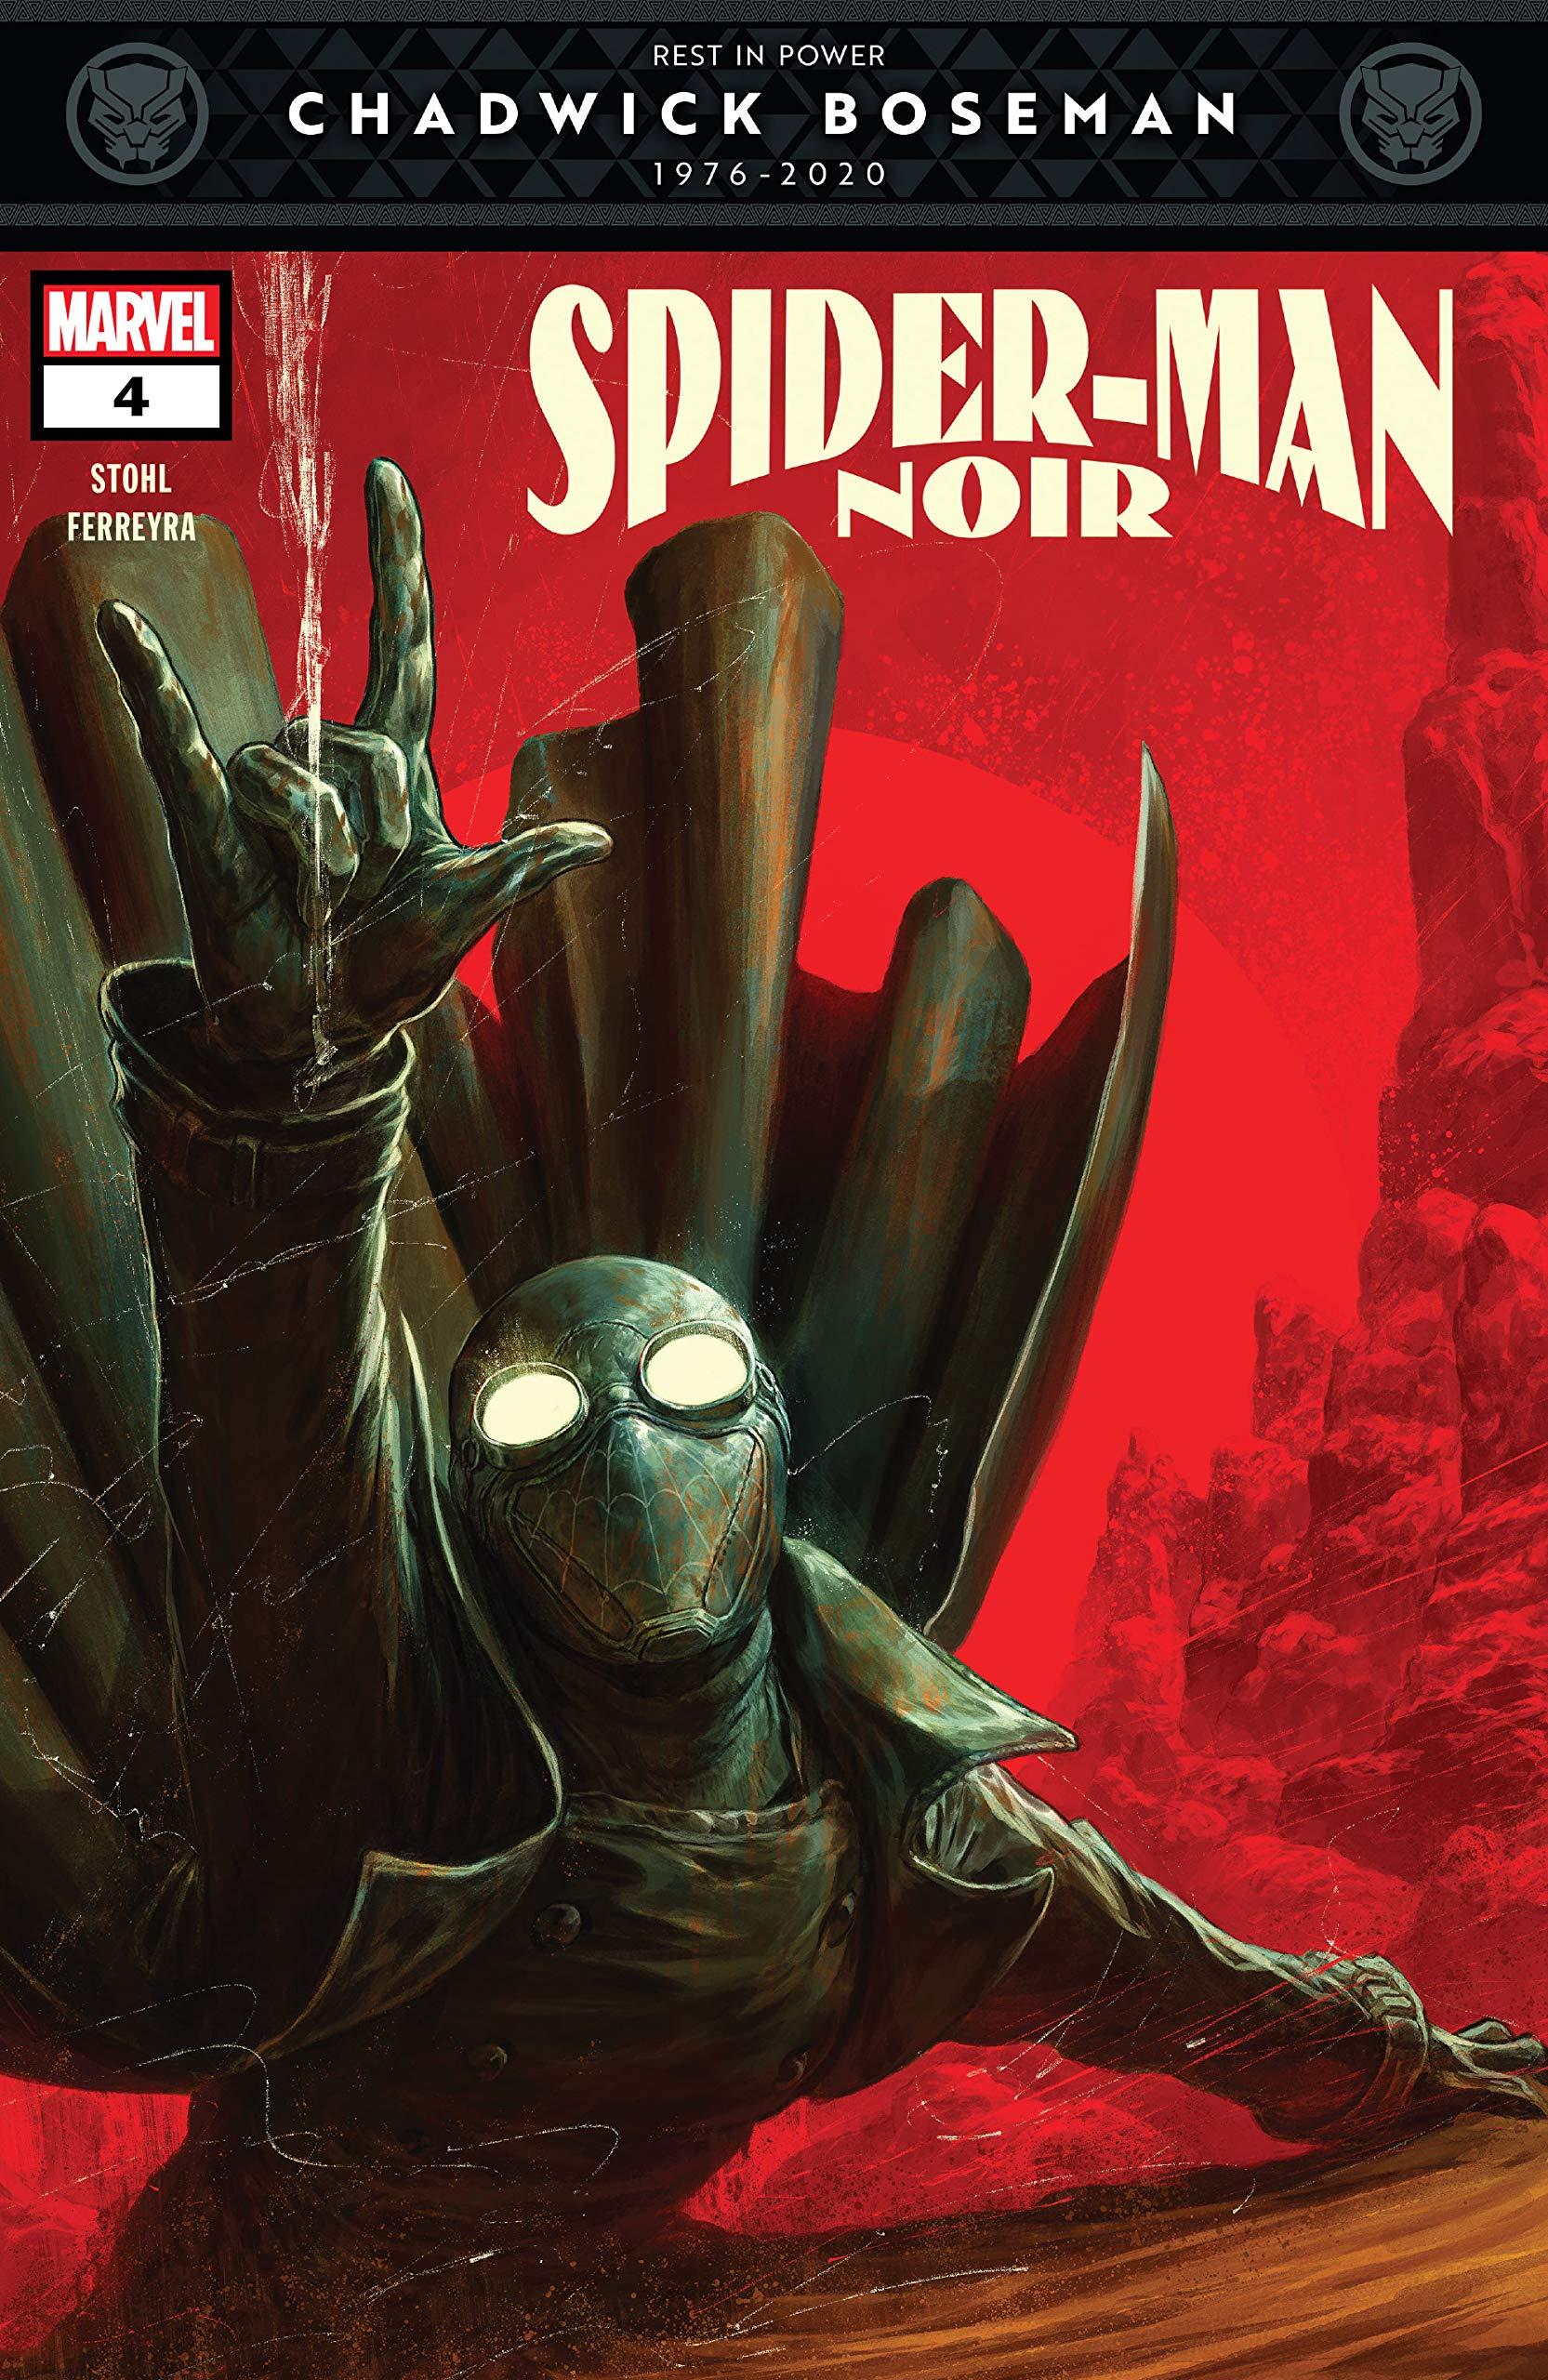 Spider-Man Noir (2020) #4 (of 5) Margaret Stohl, Dave Rapoza, Juan E. Ferreyra